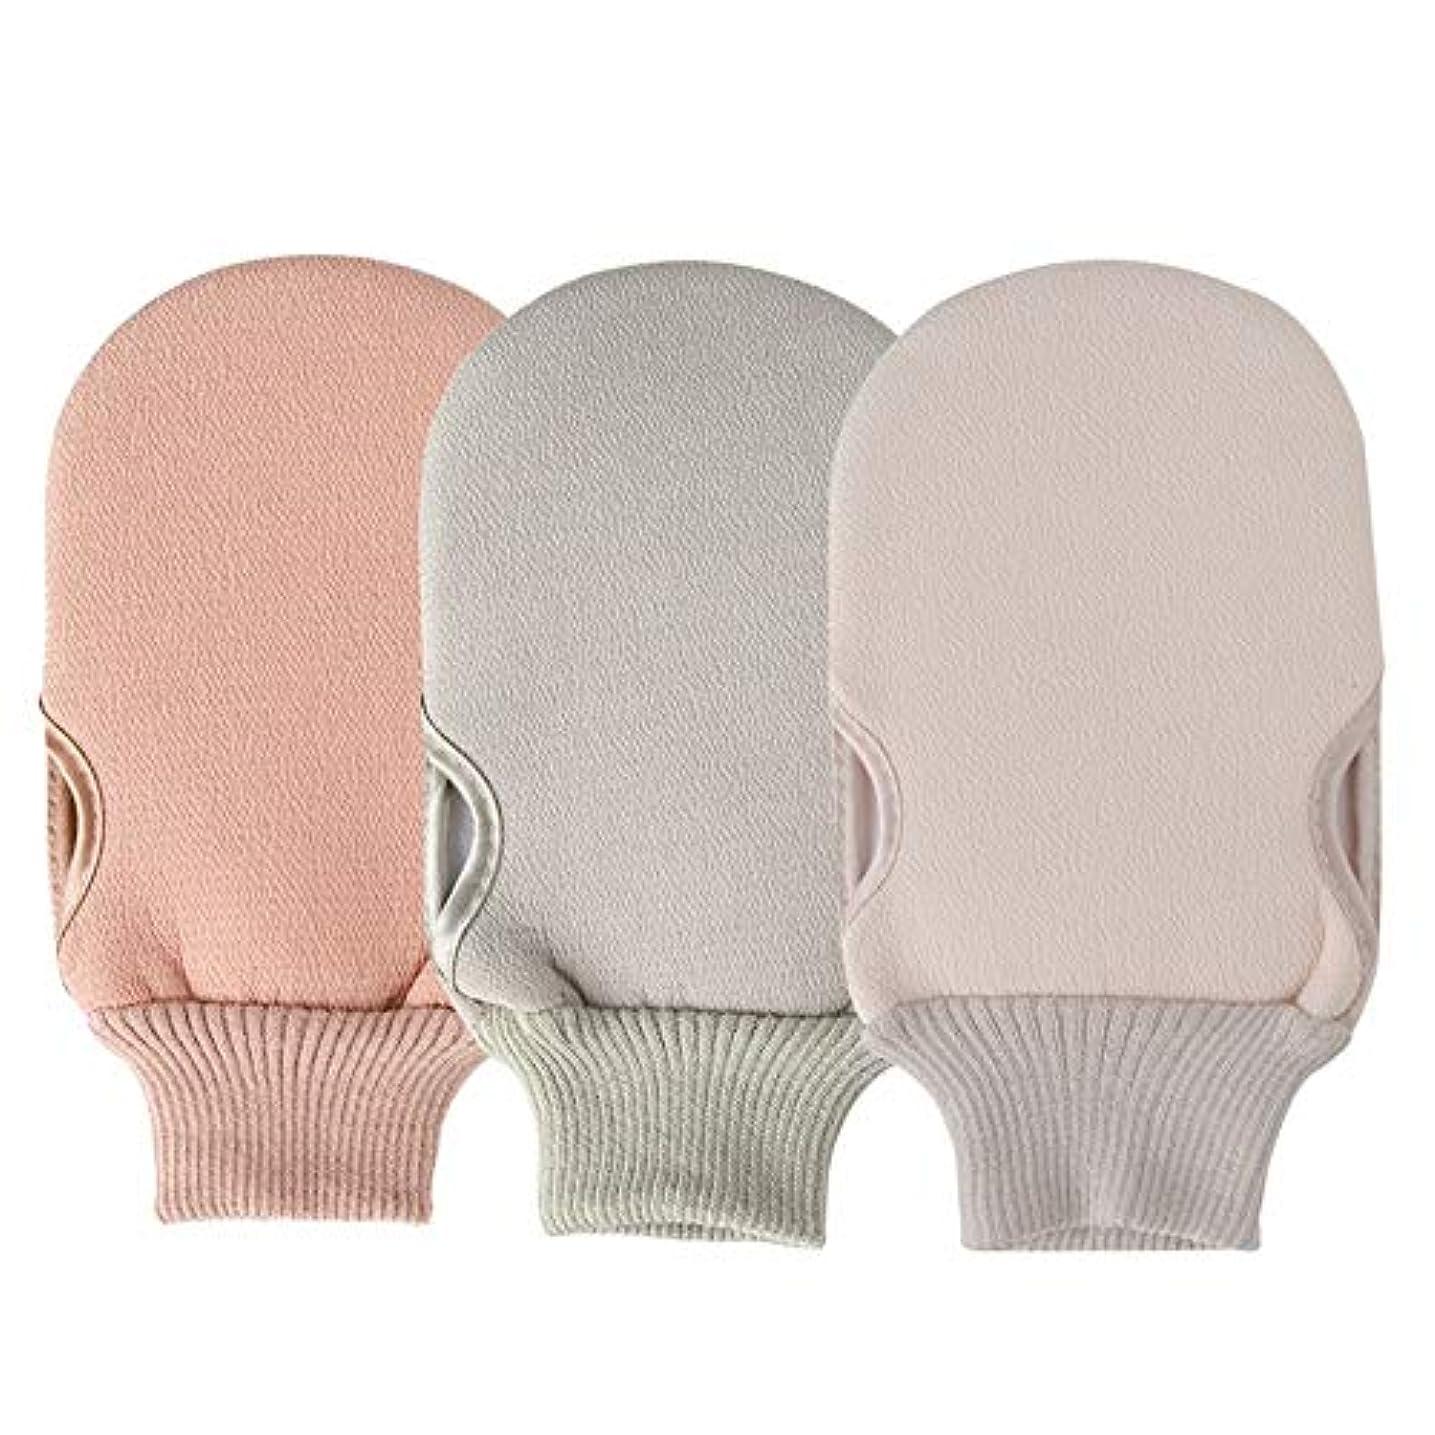 麺免疫するブルジョンBTXXYJP お風呂用手袋 あかすり シャワー手袋 ボディブラシ やわらか ボディタオル バス用品 角質除去 (Color : Pink+green+beige)